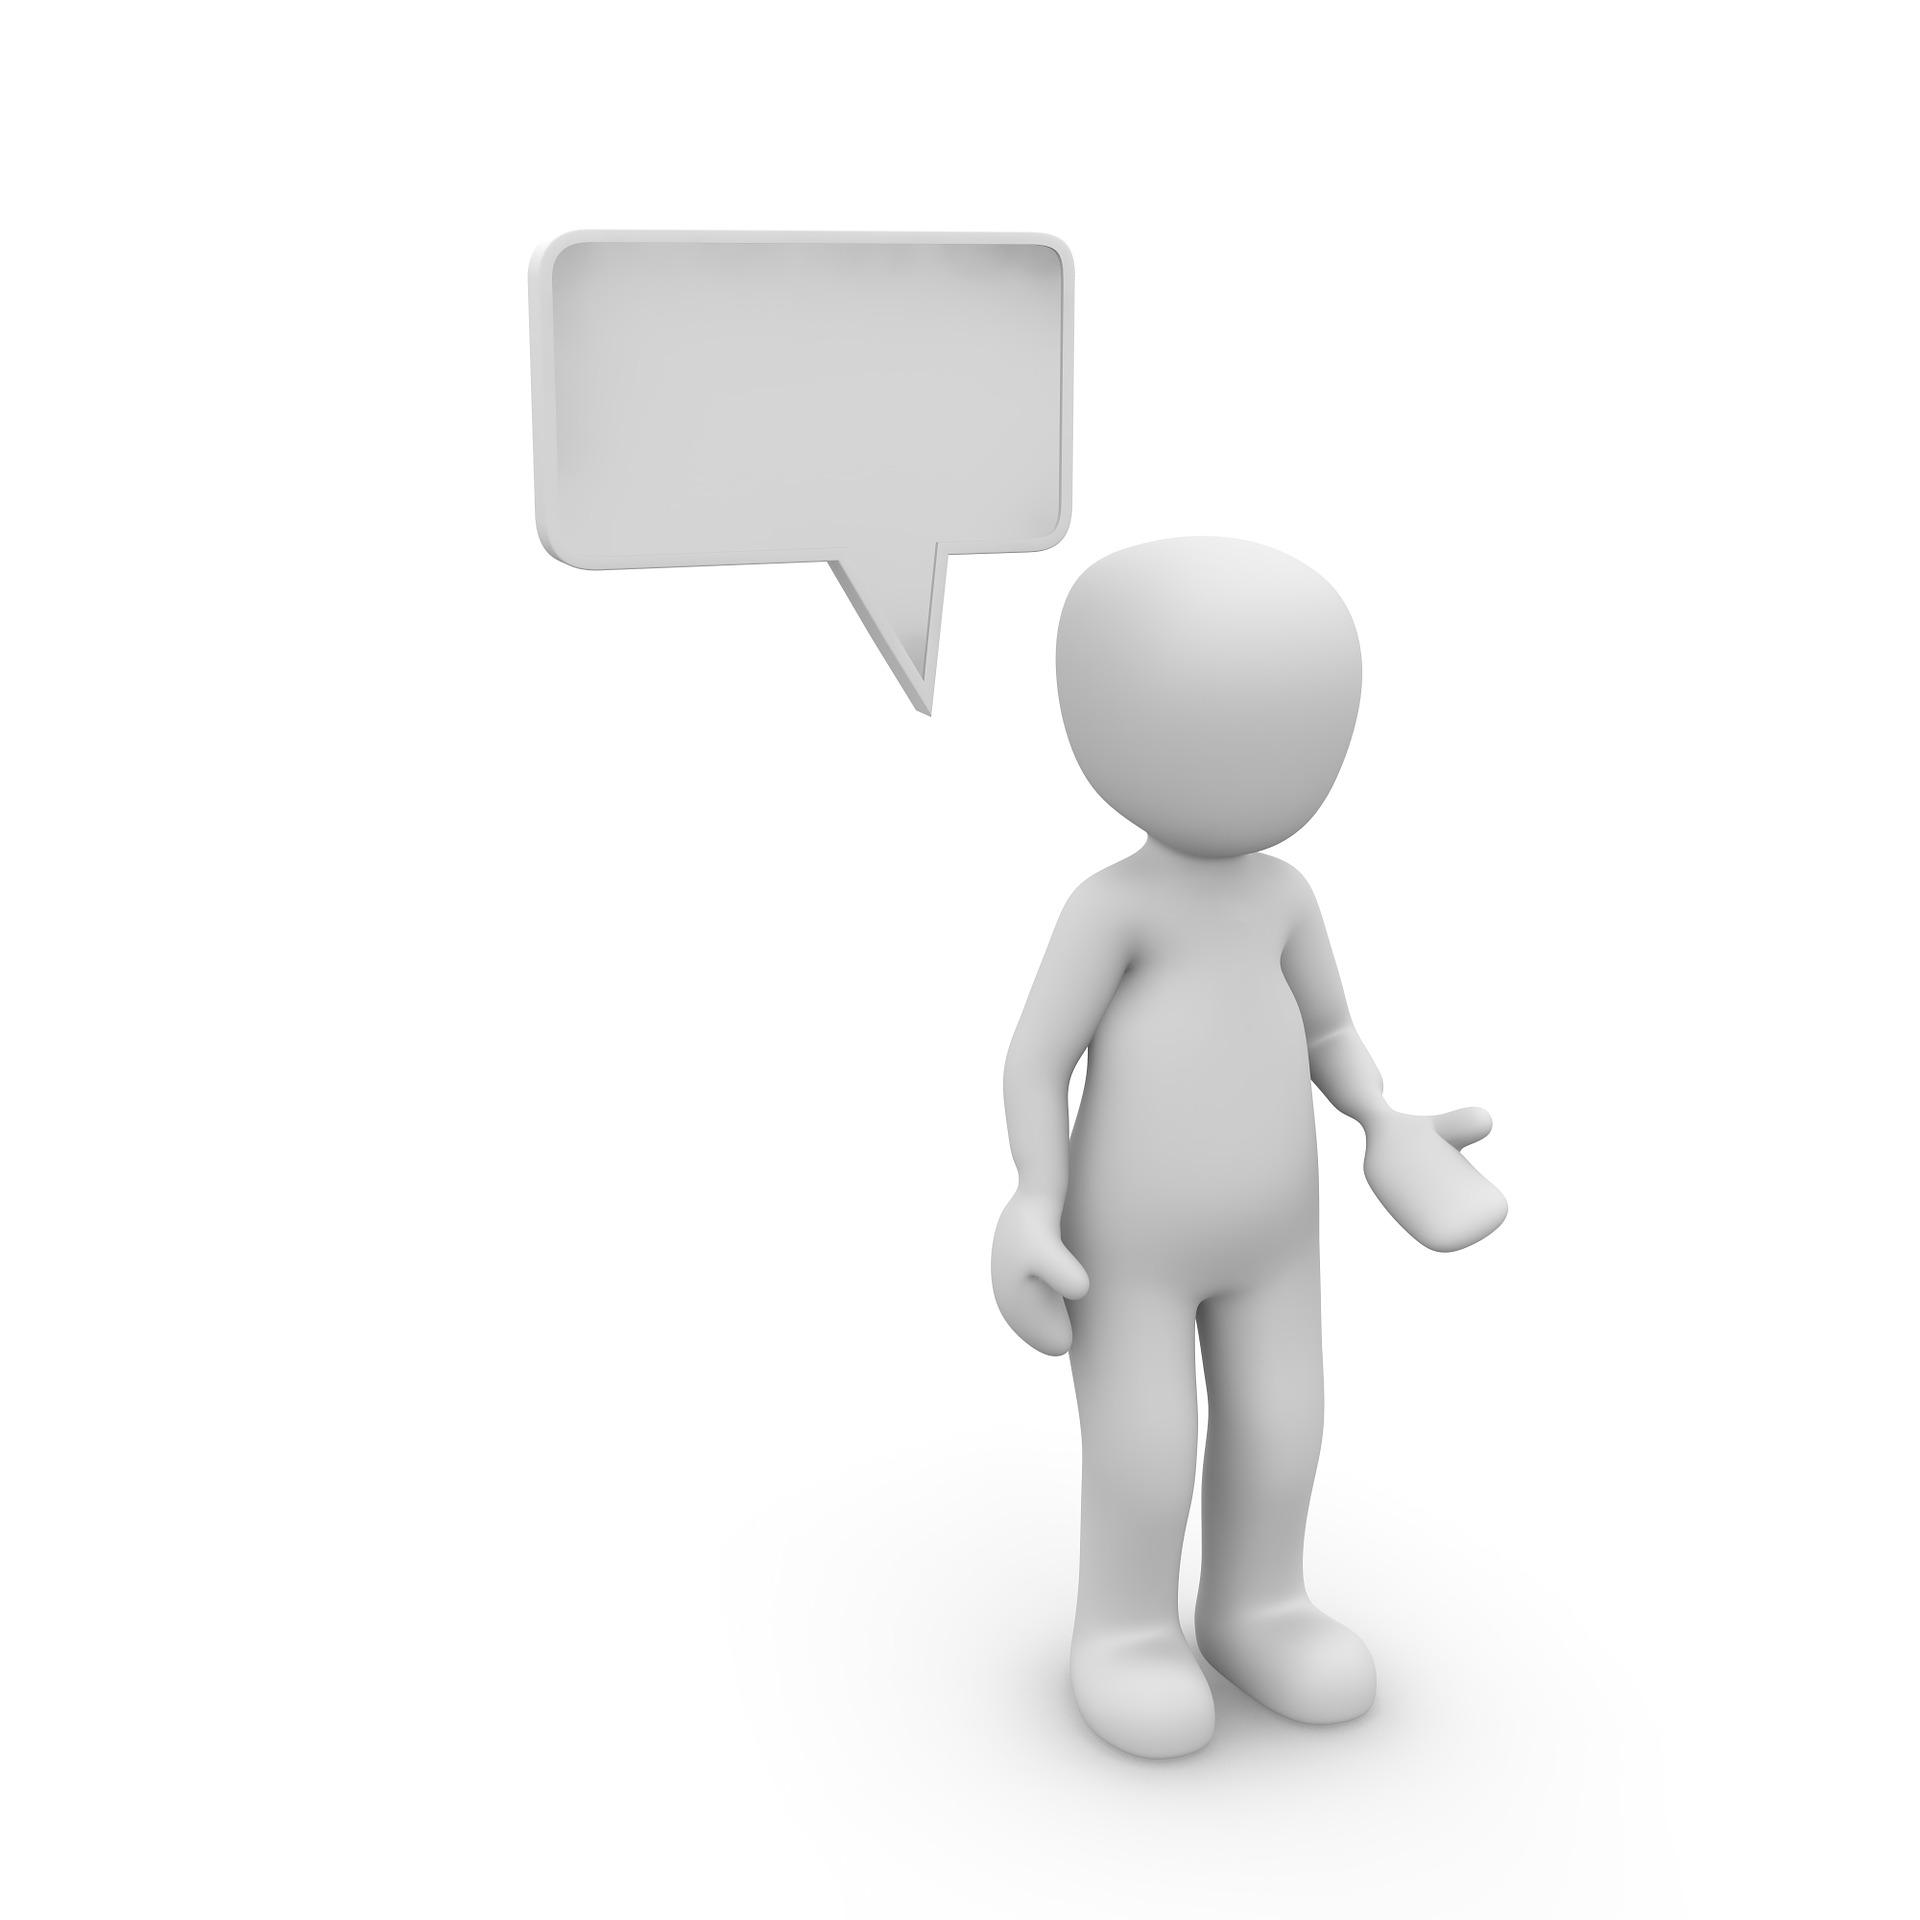 Missverständnisse Kommunikation Unverständnis sprechen Deeskalationsstrategien Fluchtverhalten Aggressionsverhalten Konflikt Kommunikationsseminar Ulrike Knauer reden